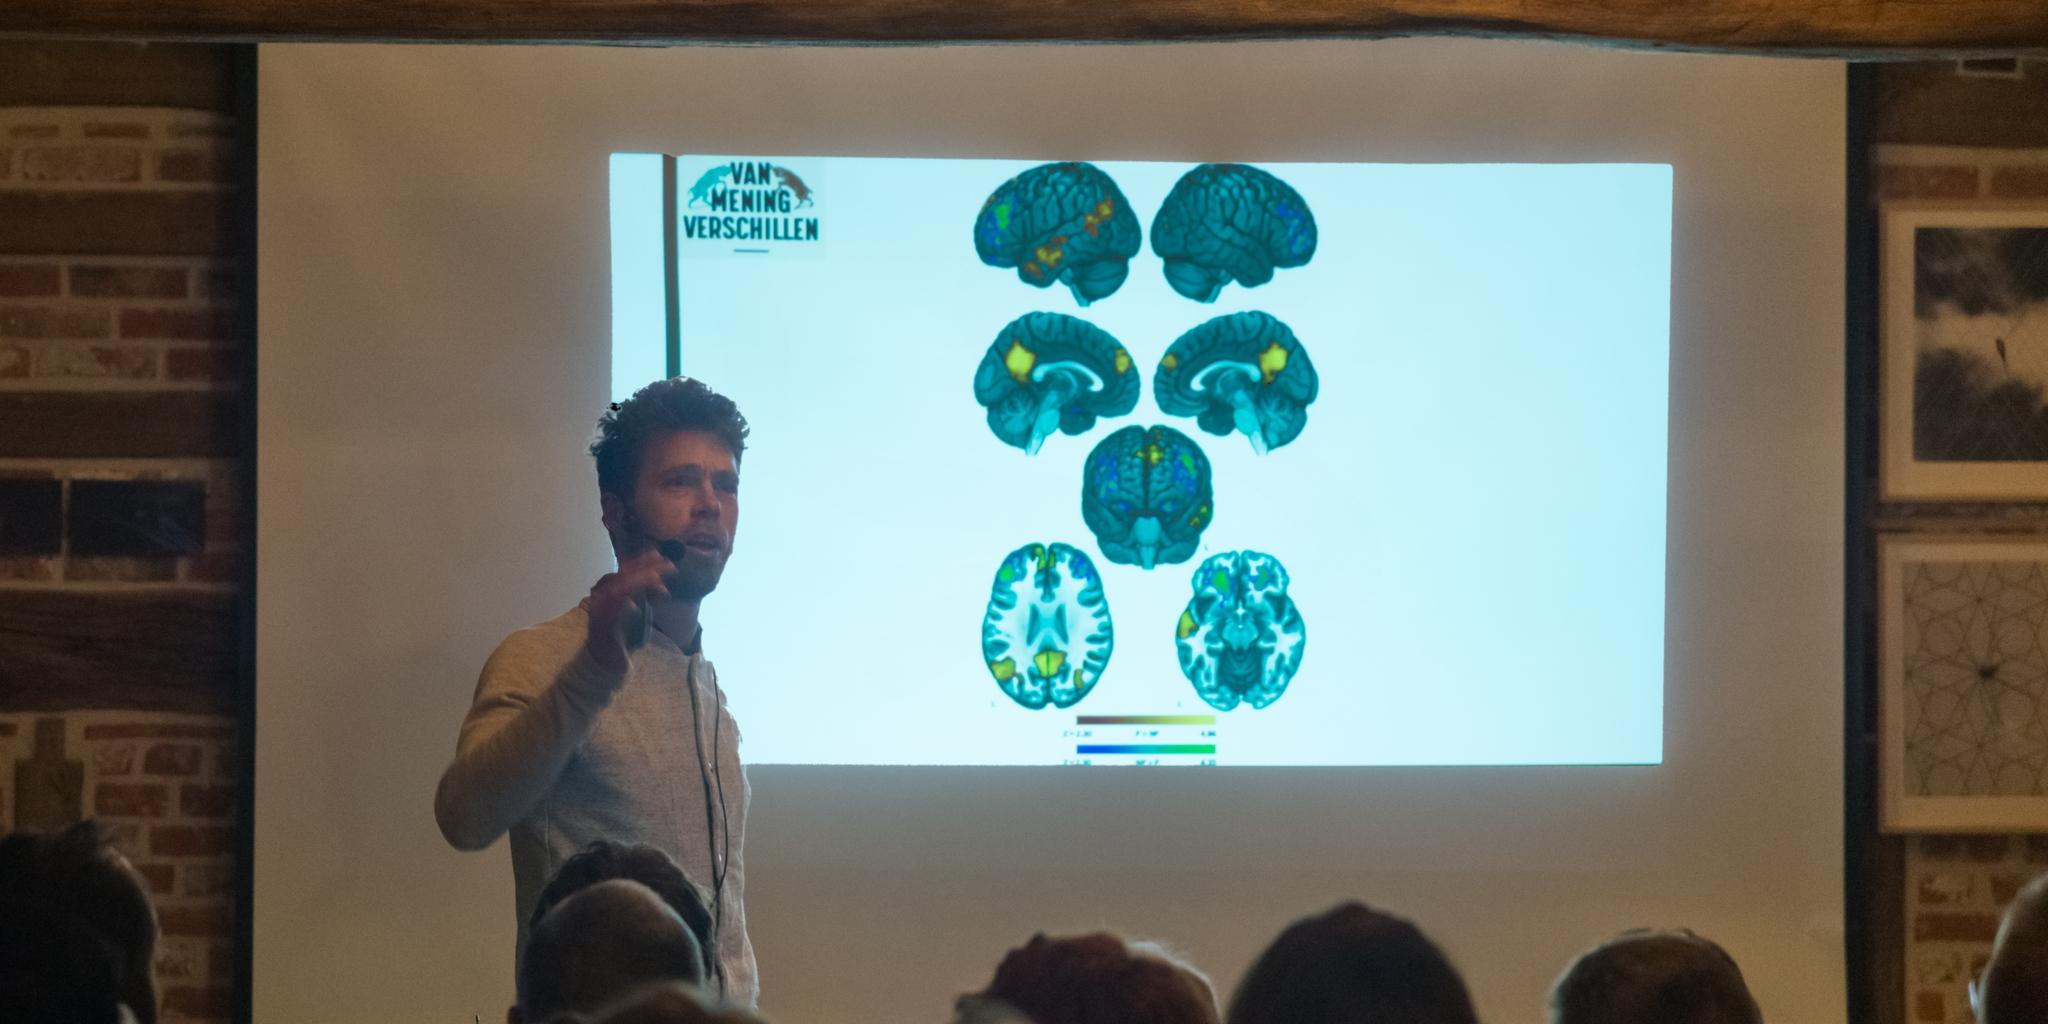 """Ruben Mersch presenteert zijn boek """"Van mening verschillen""""(foto: Jozef Van Giel)"""